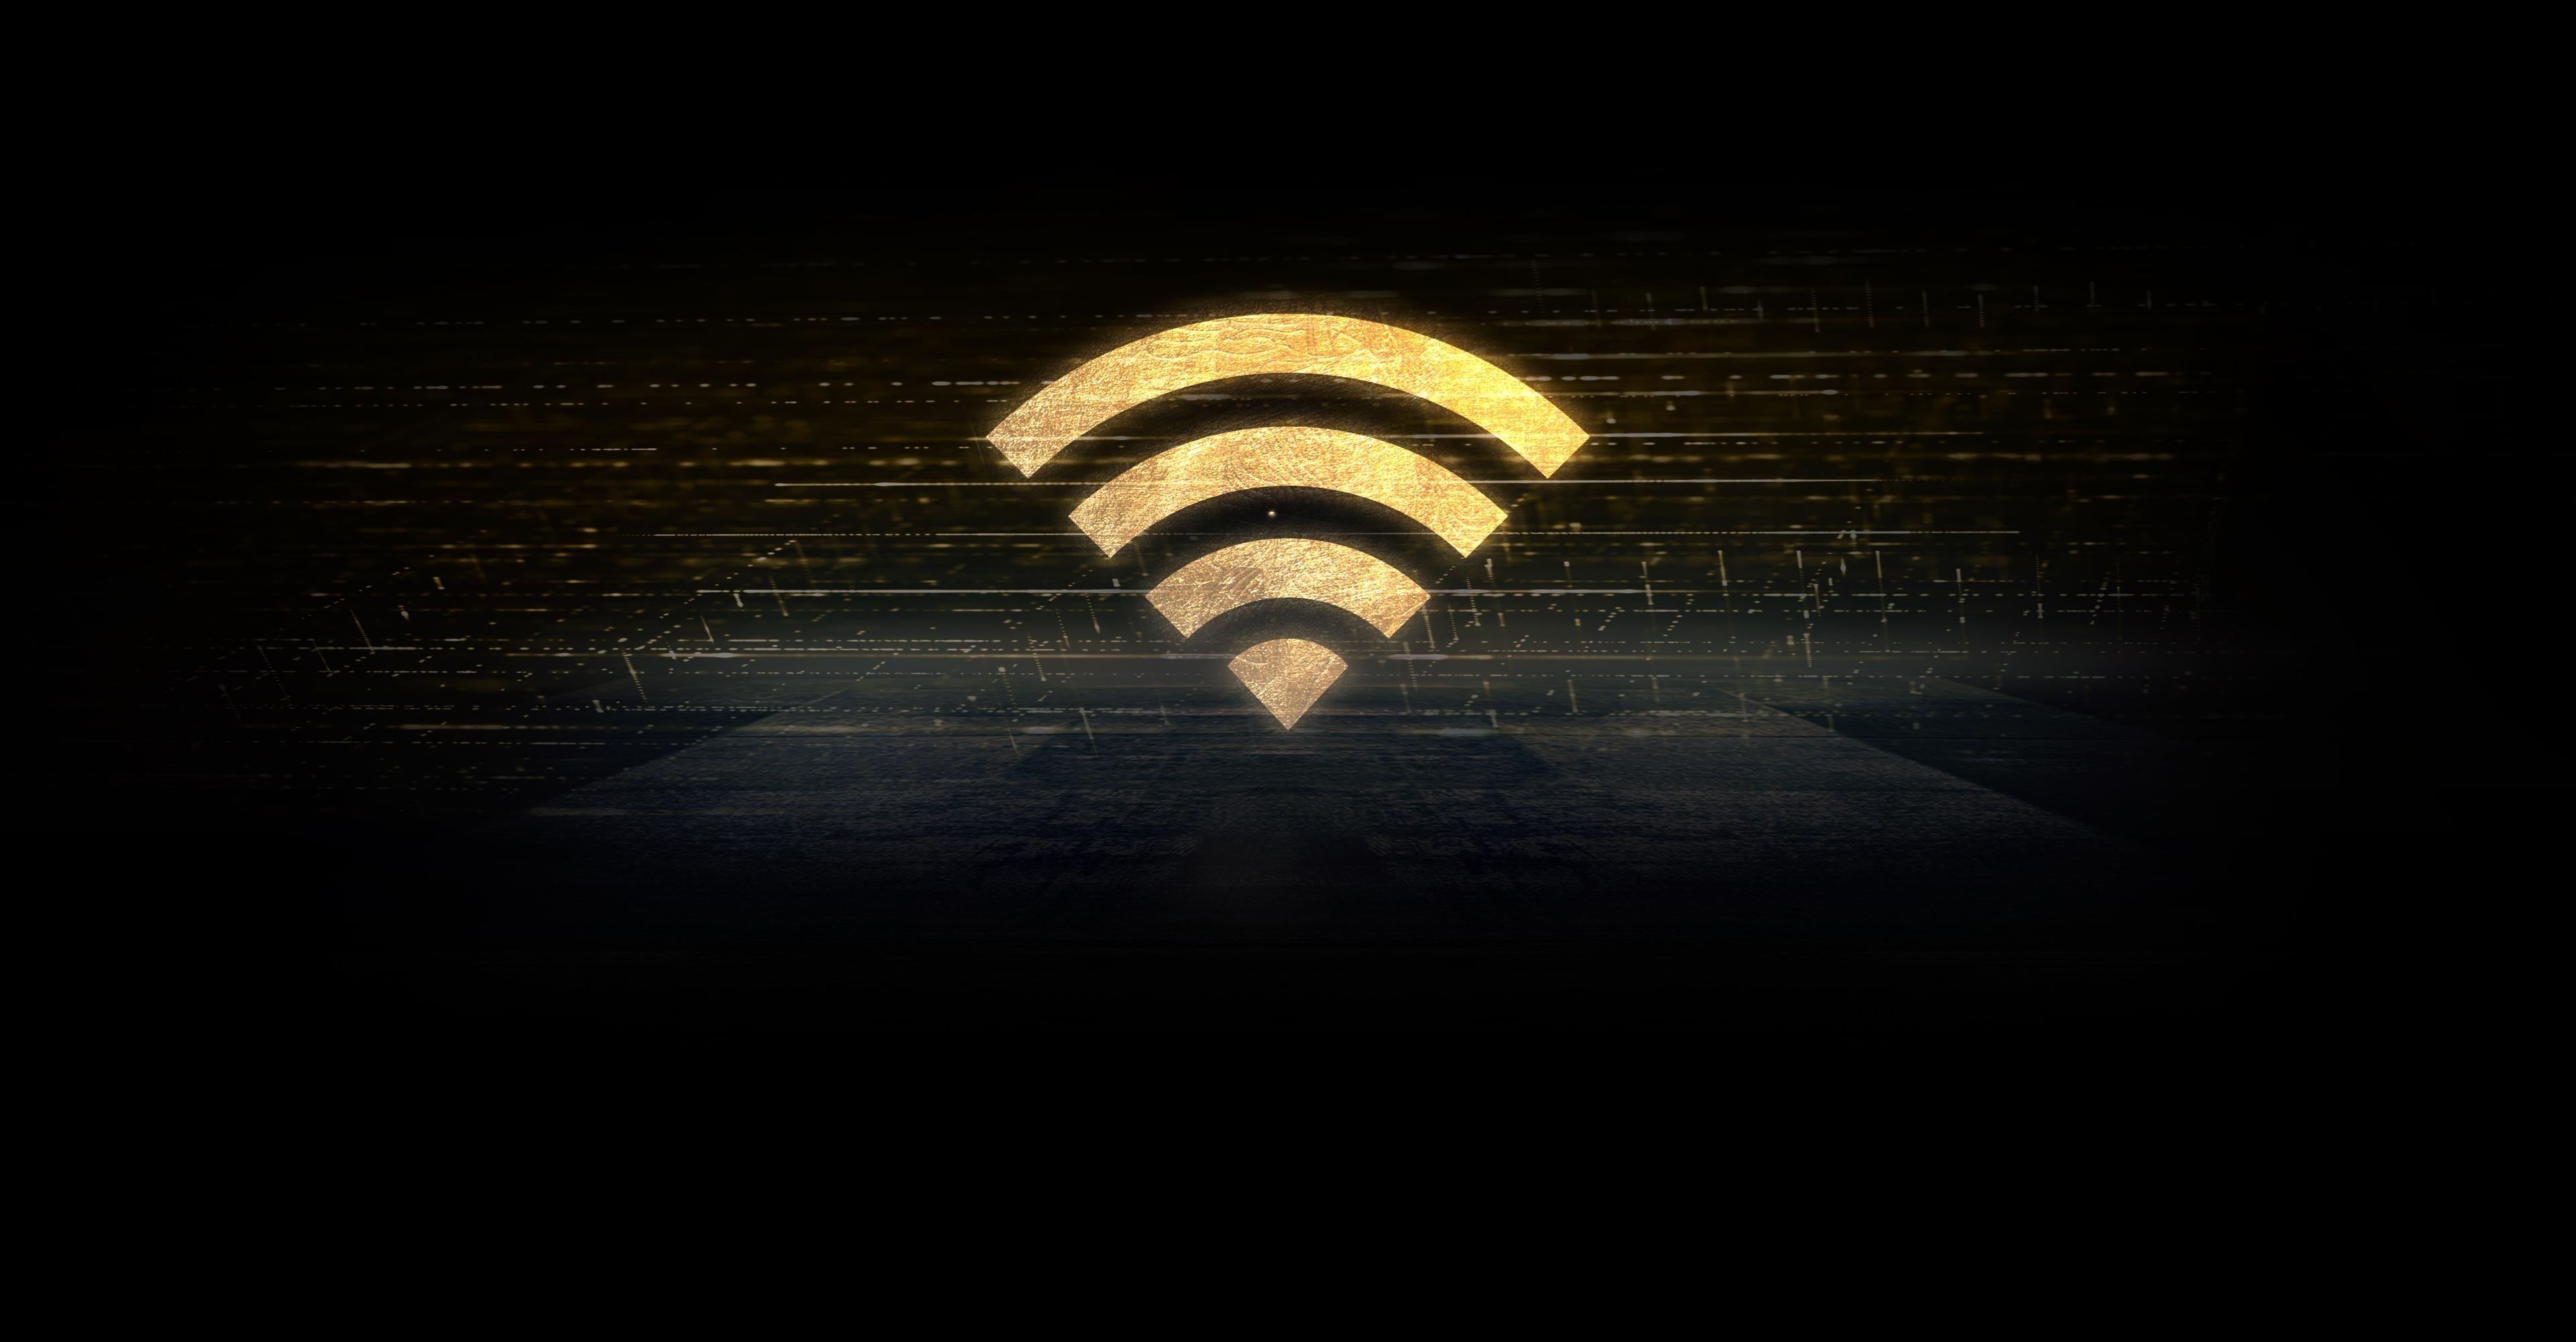 msi ge76 wifi image